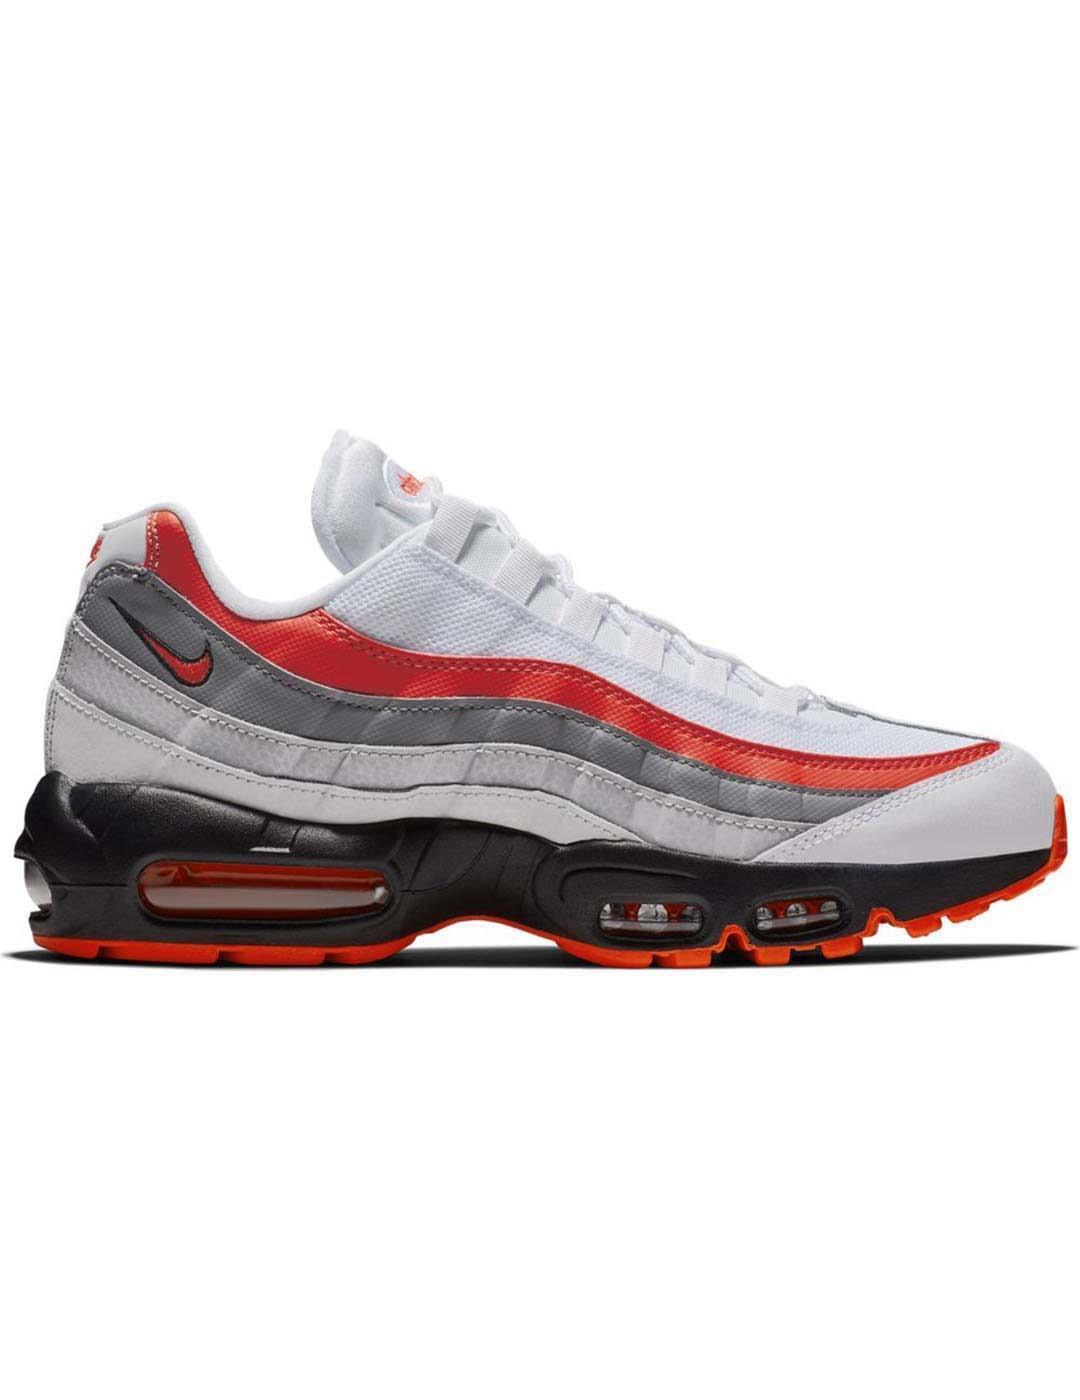 Zapatillas Nike Air Max 720 Negro Hombre 41 Glami.es